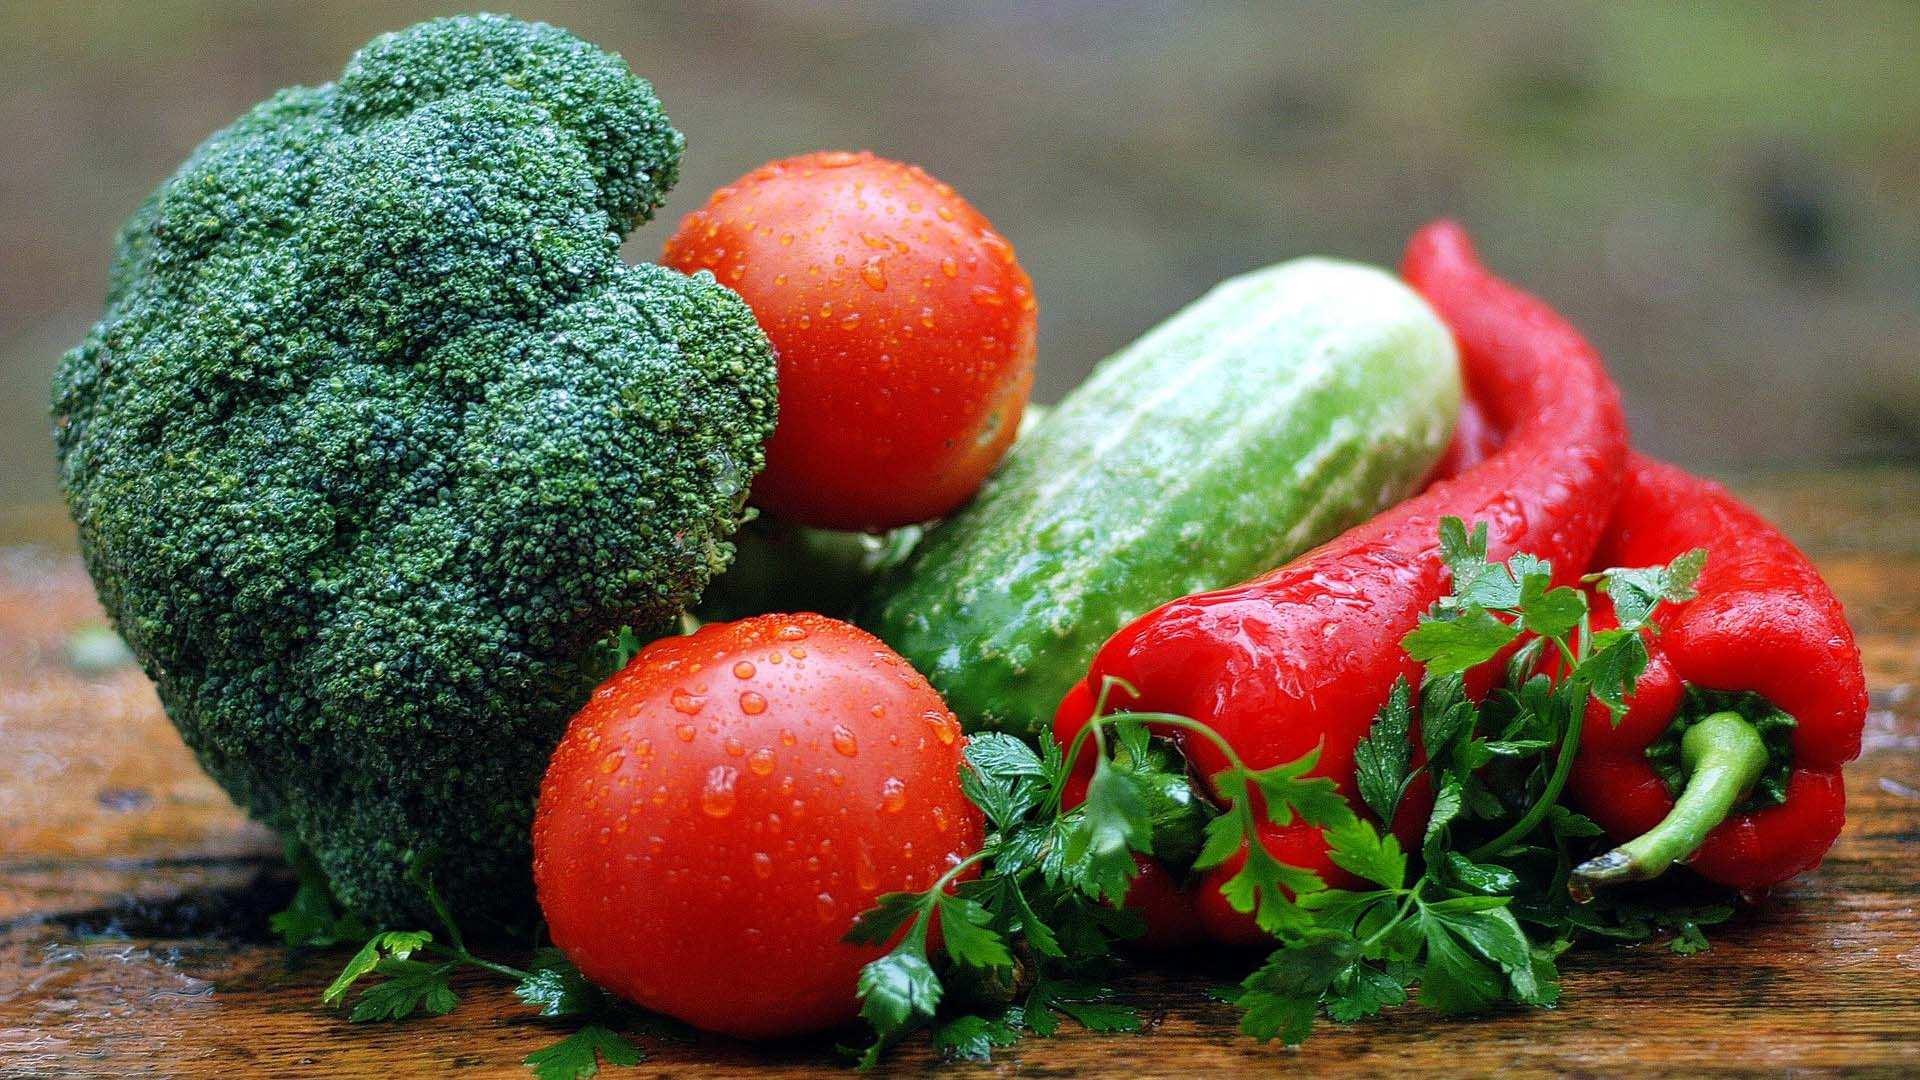 Las frutas y verduras son fundamentales para nuestra alimentación